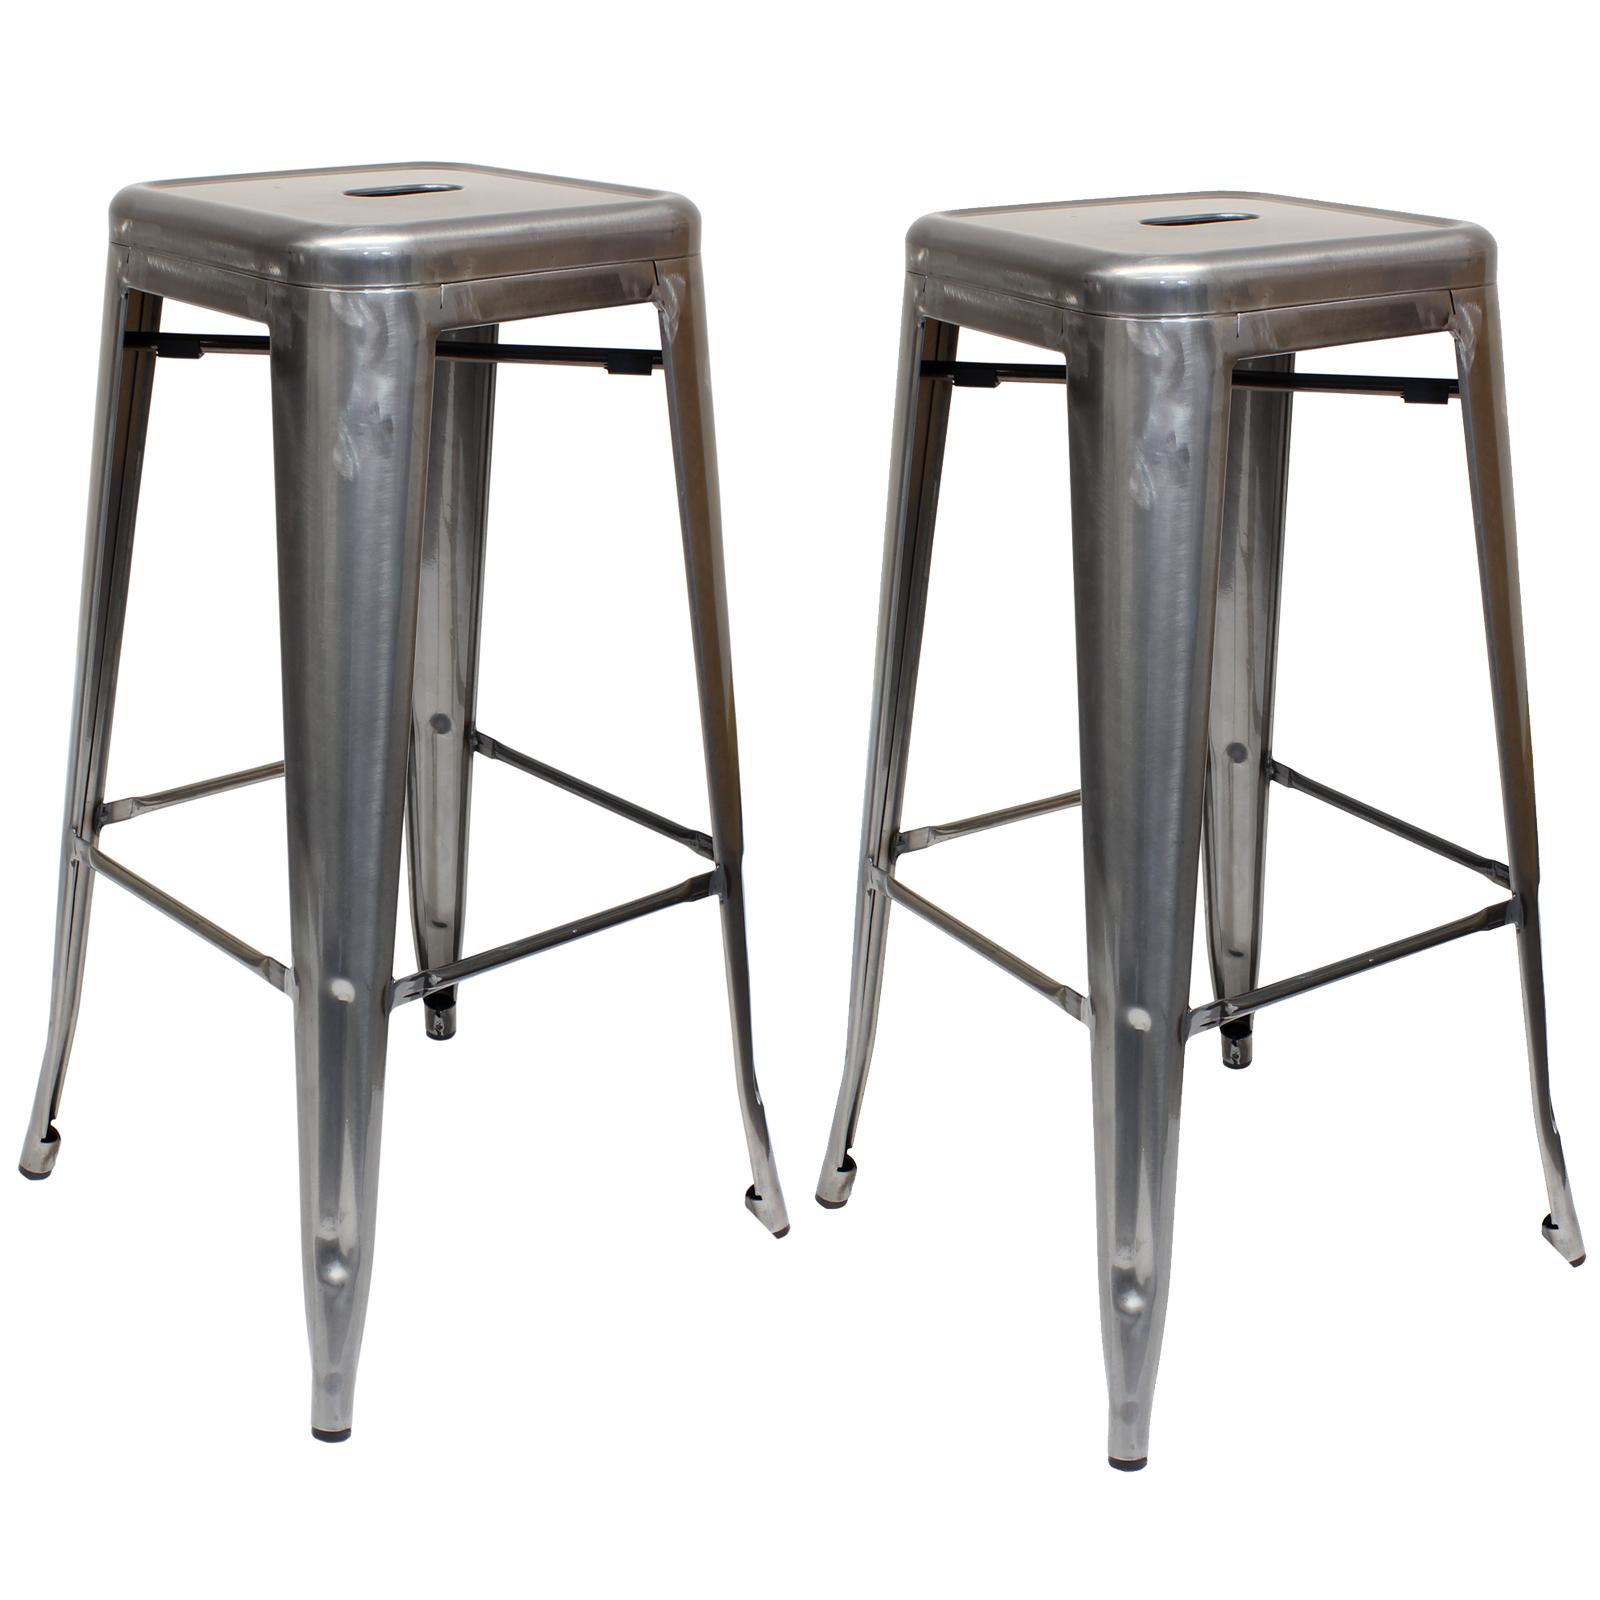 Gunmetal Metal Stool Breakfast Bar Seat Chair Industrial